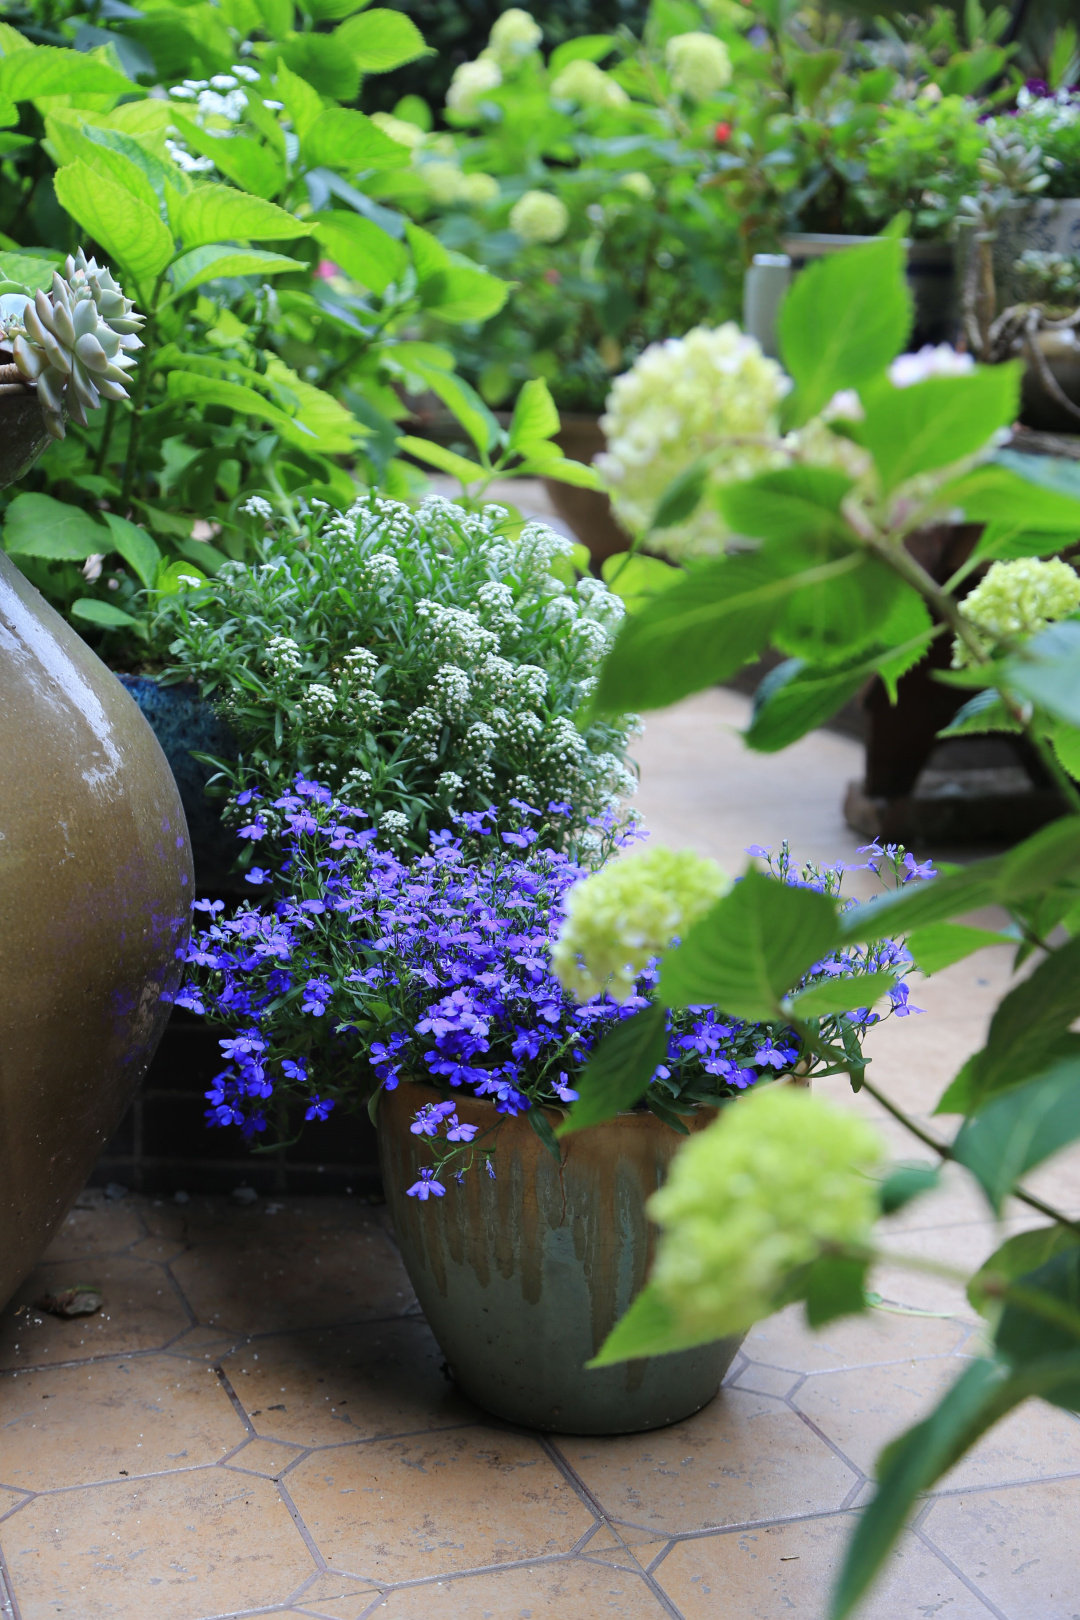 """Khu vườn quanh năm chỉ có """"mùa xuân"""" ở lại của cô giáo dạy Toán xinh đẹp - Ảnh 9."""